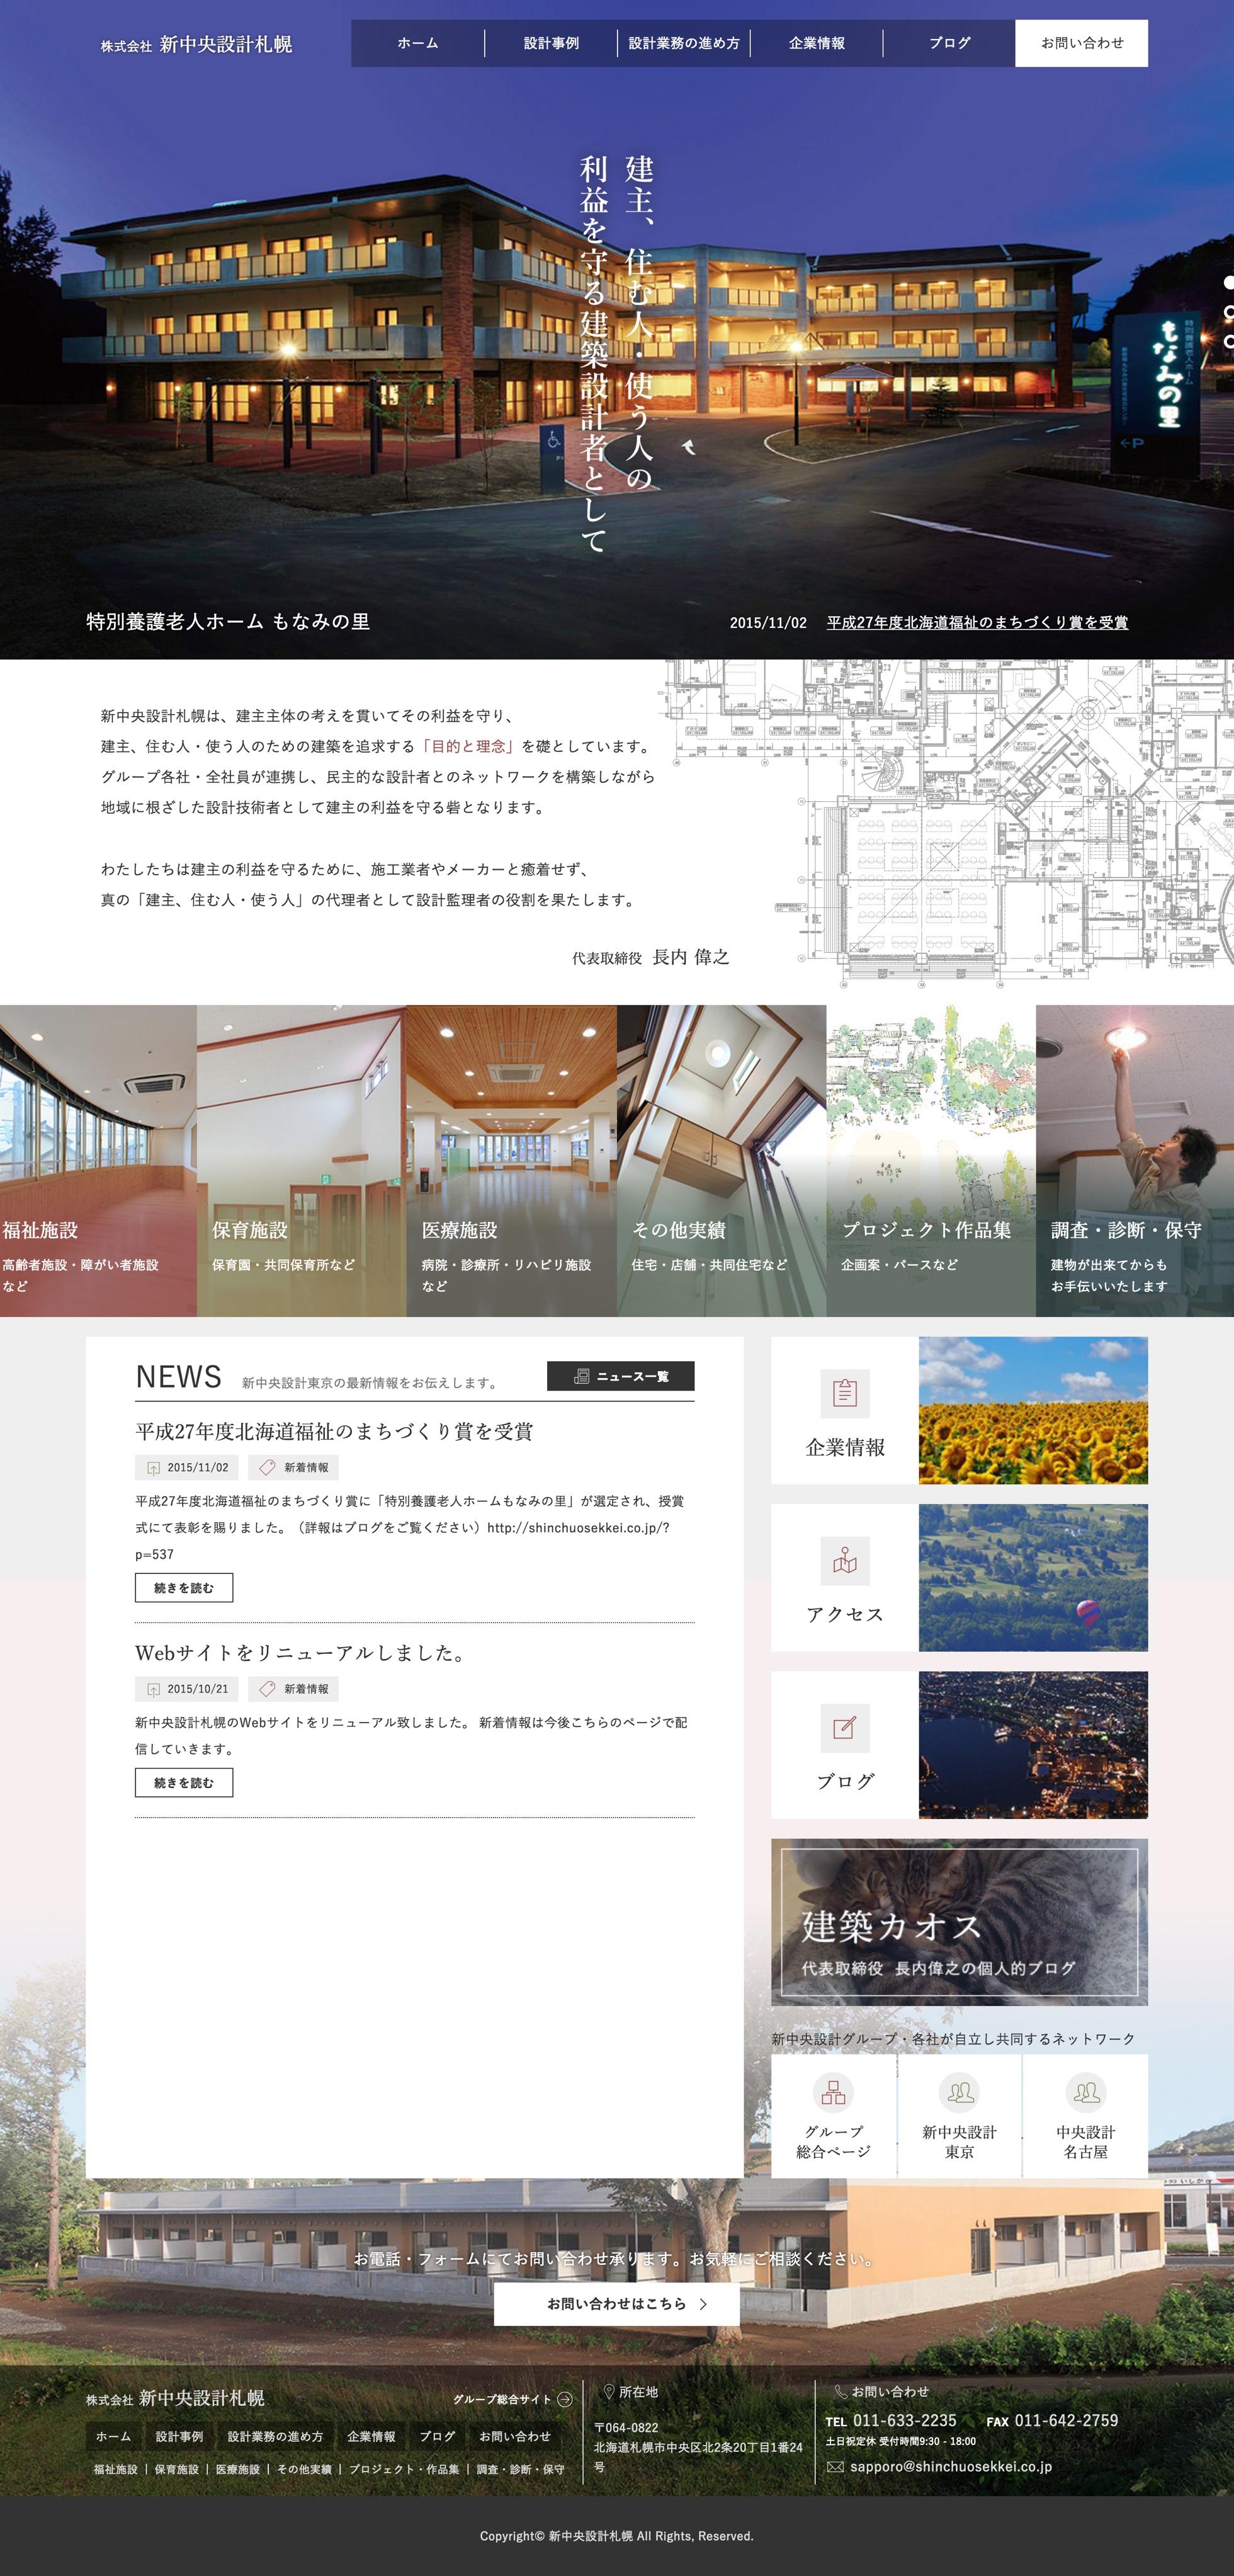 東京・札幌の建築設計事務所のホームページのPC版札幌ページのスクリーンショット